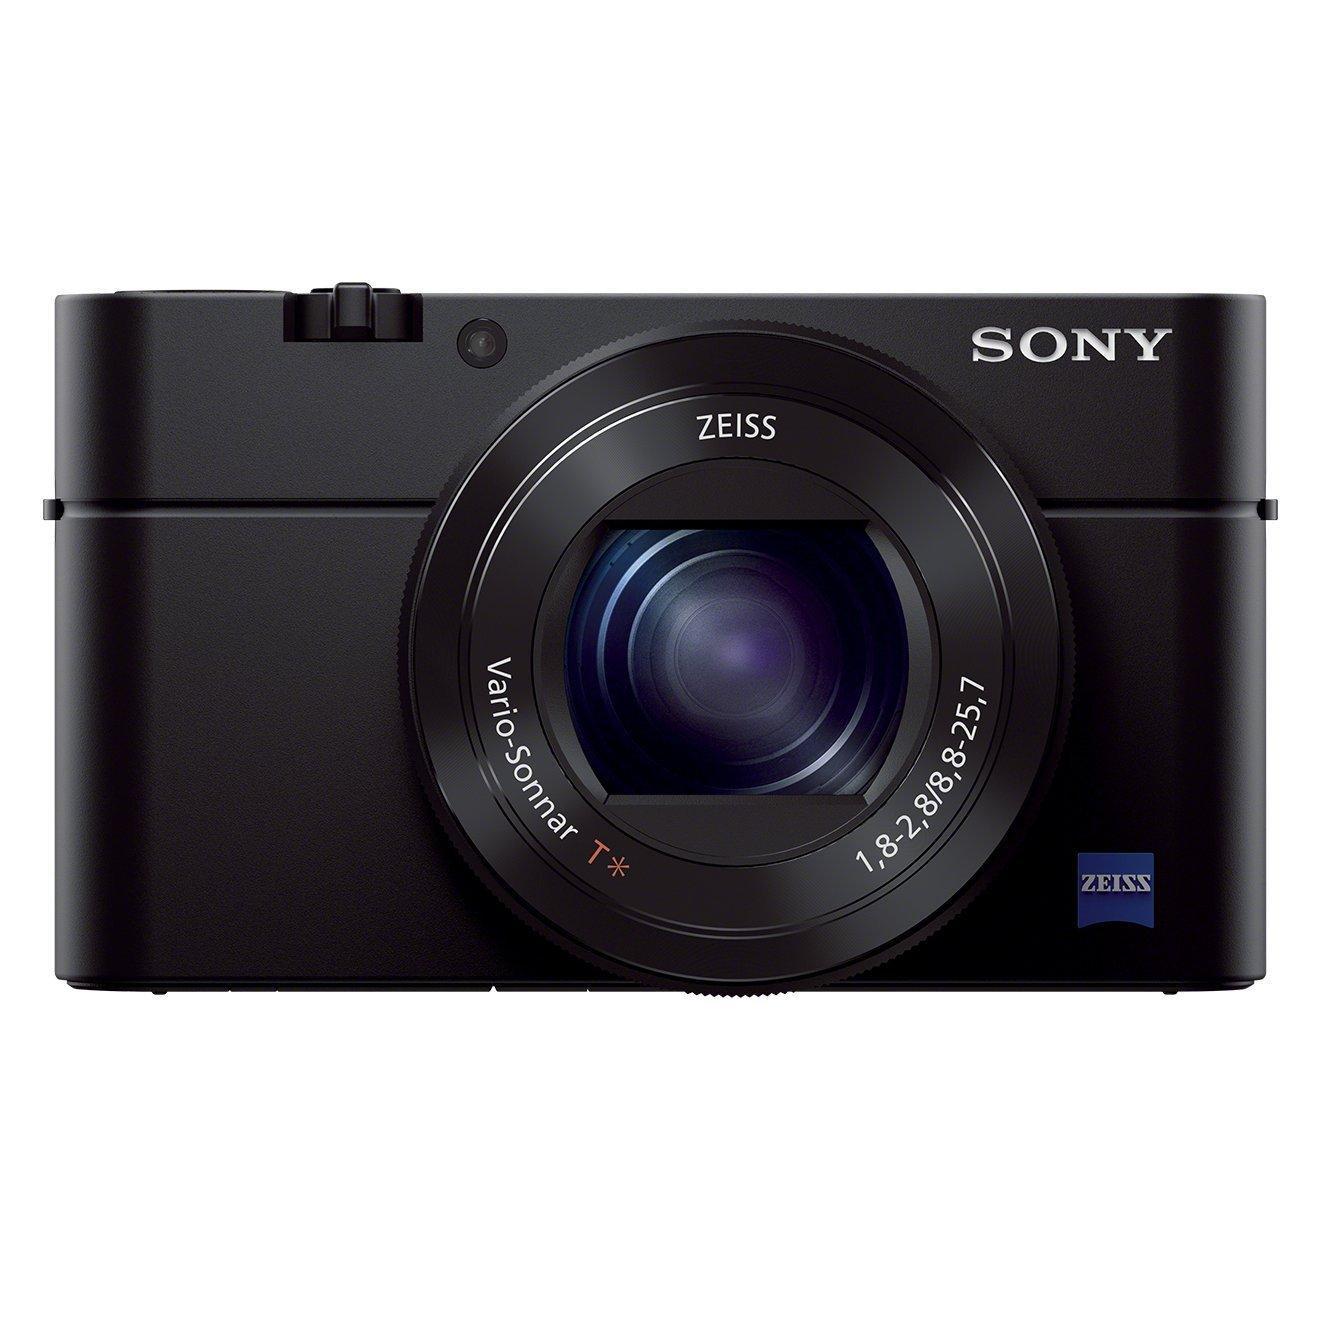 Appareil photo compact Sony Cyber-shot DSC-RX100M3 : 20.1 Mpix, Zoom Optique 3x, Wifi, NFC, Noir (50€ ODR)